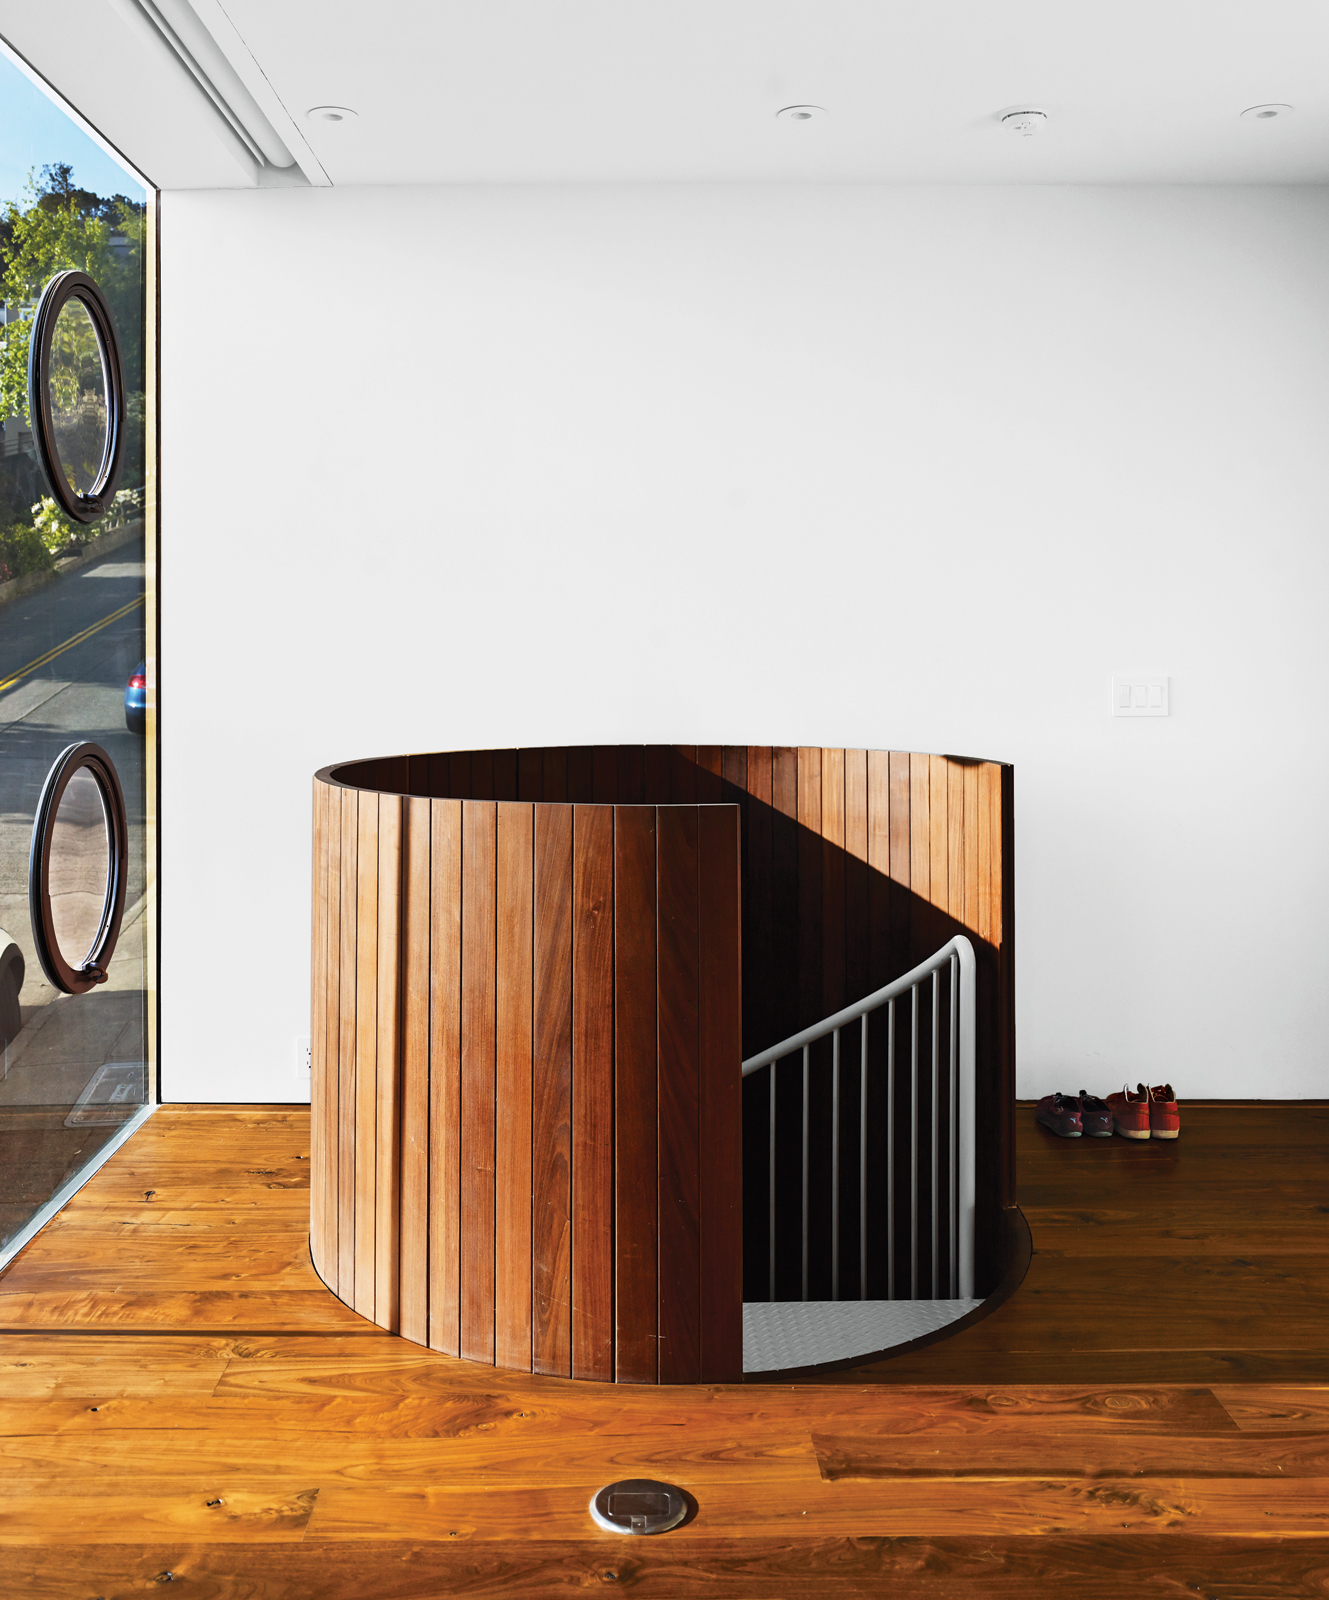 Az utazás garázs az első emeleten van egy fa borítású csigalépcső, amely hasonlít egy óriási deszkával hordó..jpg